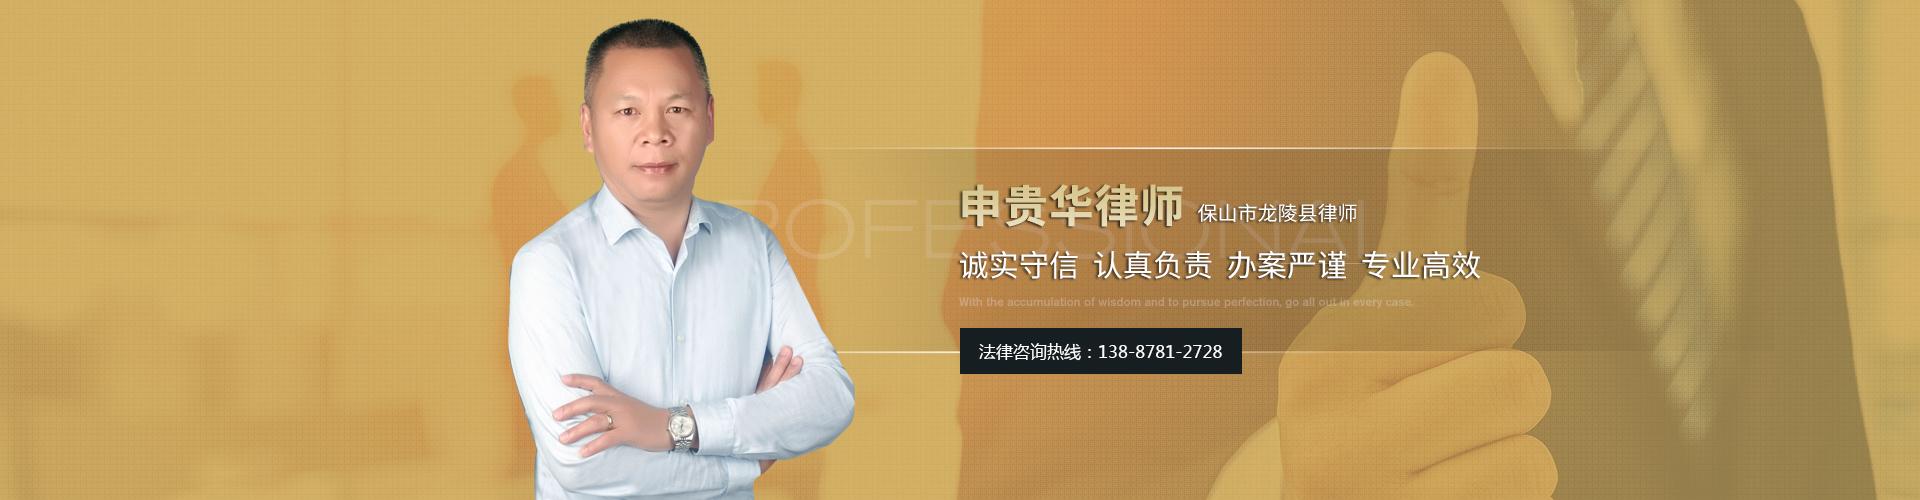 申贵华律师